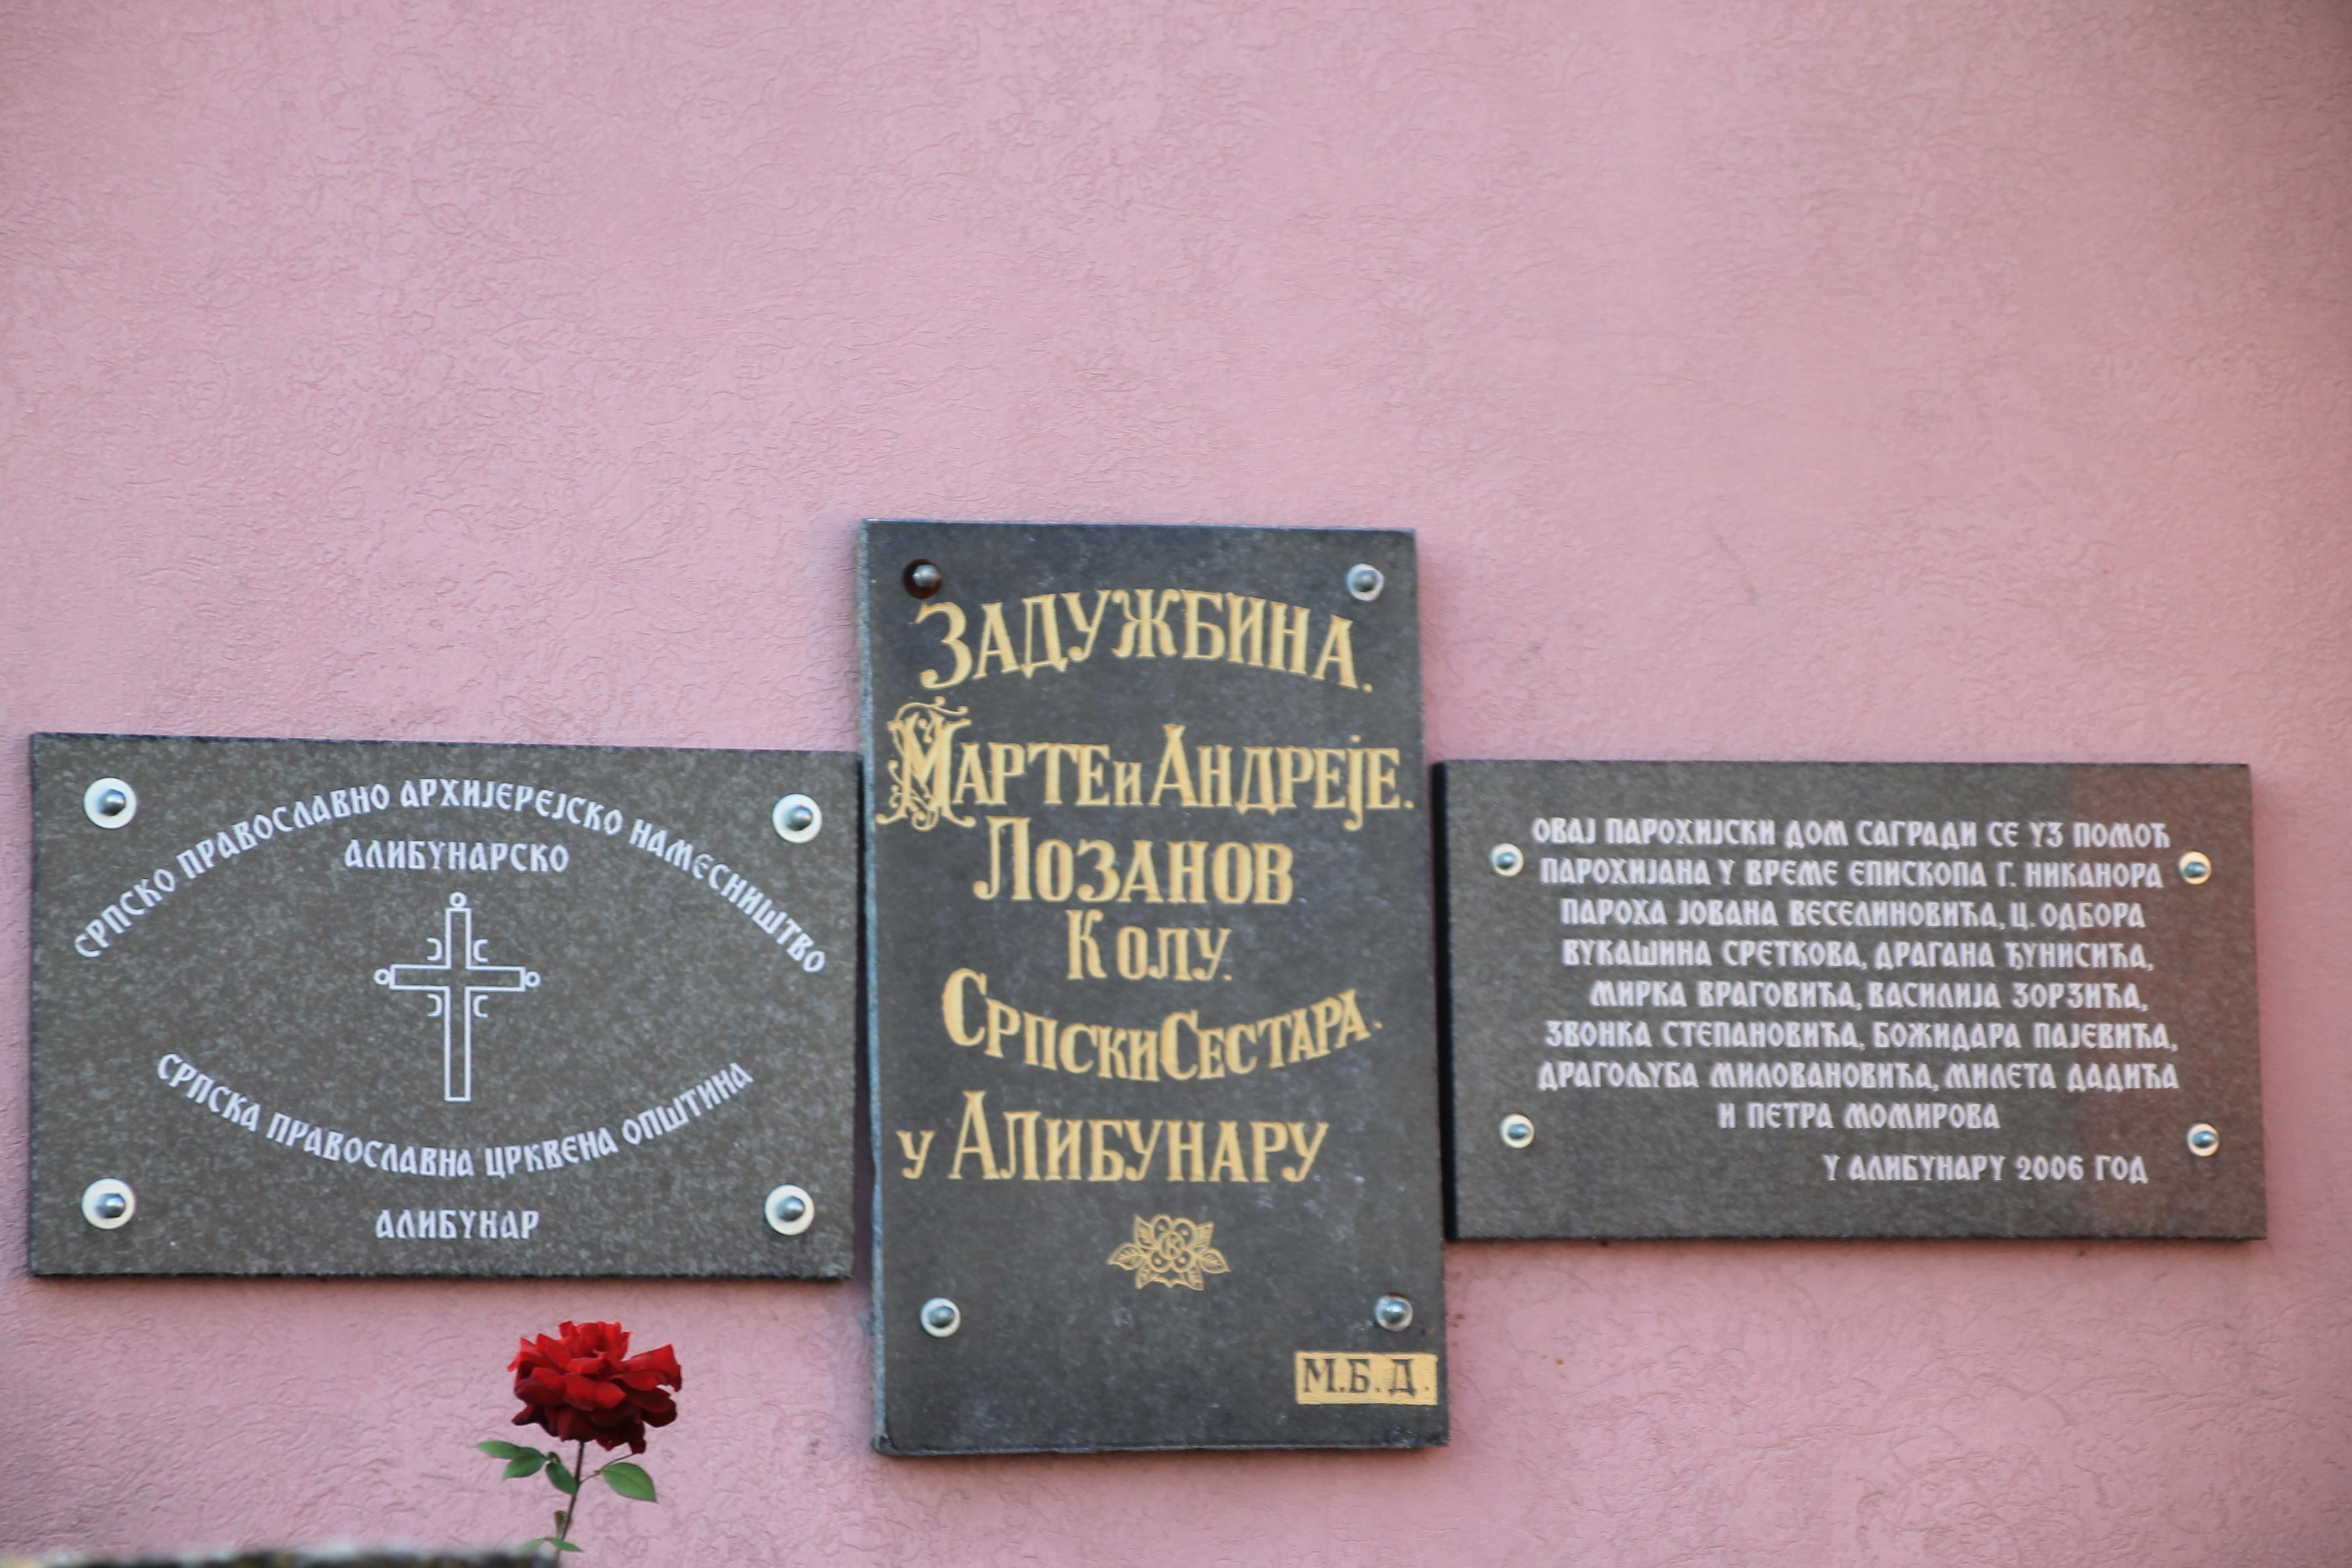 Escorte Strășeni Moldova